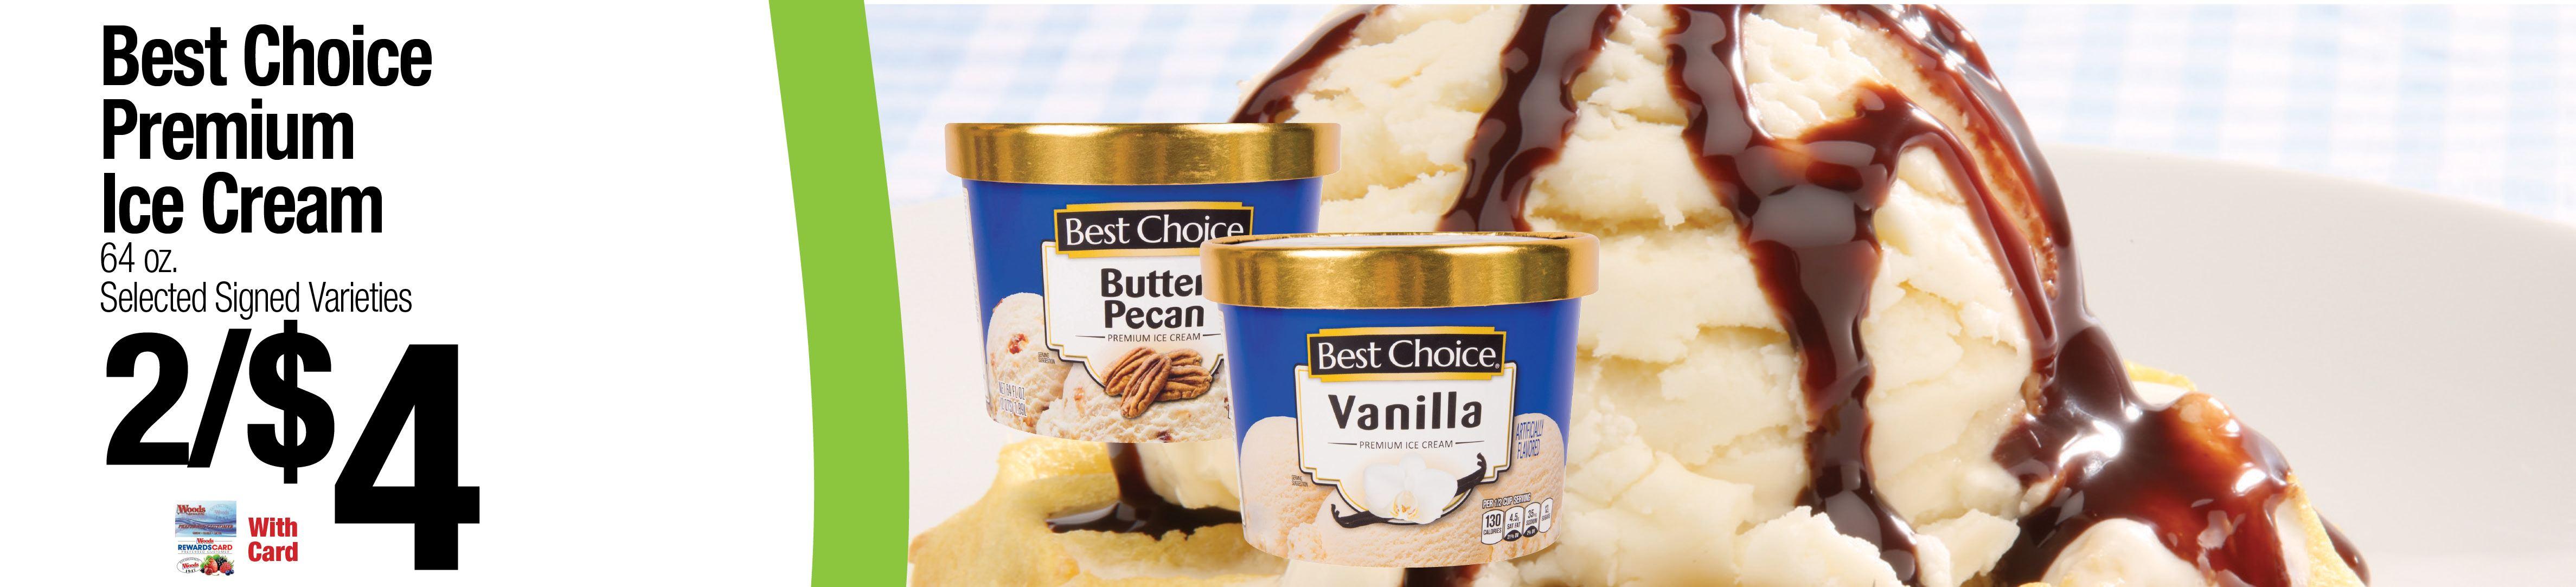 Best Choice Premium Ice Cream 2/$4